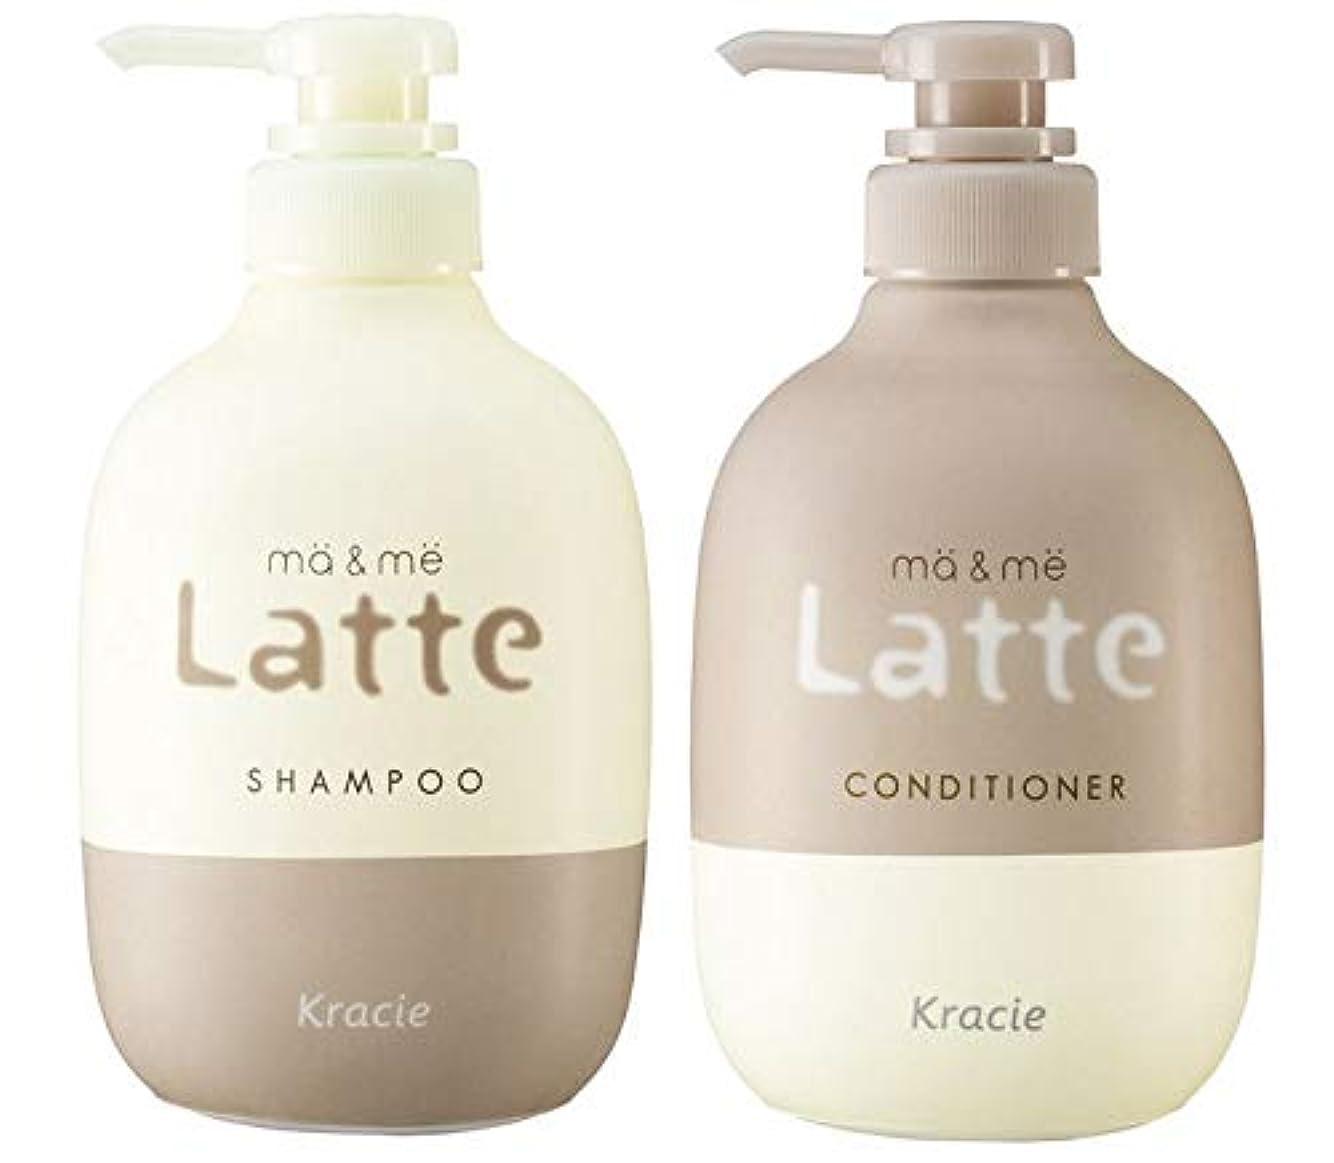 参照香ばしい大事にするマー&ミーLatte シャンプー&コンディショナー (アップル&ピオニーの香り) プレミアムWミルクプロテイン配合 おタメしポンプセット400ml+400g